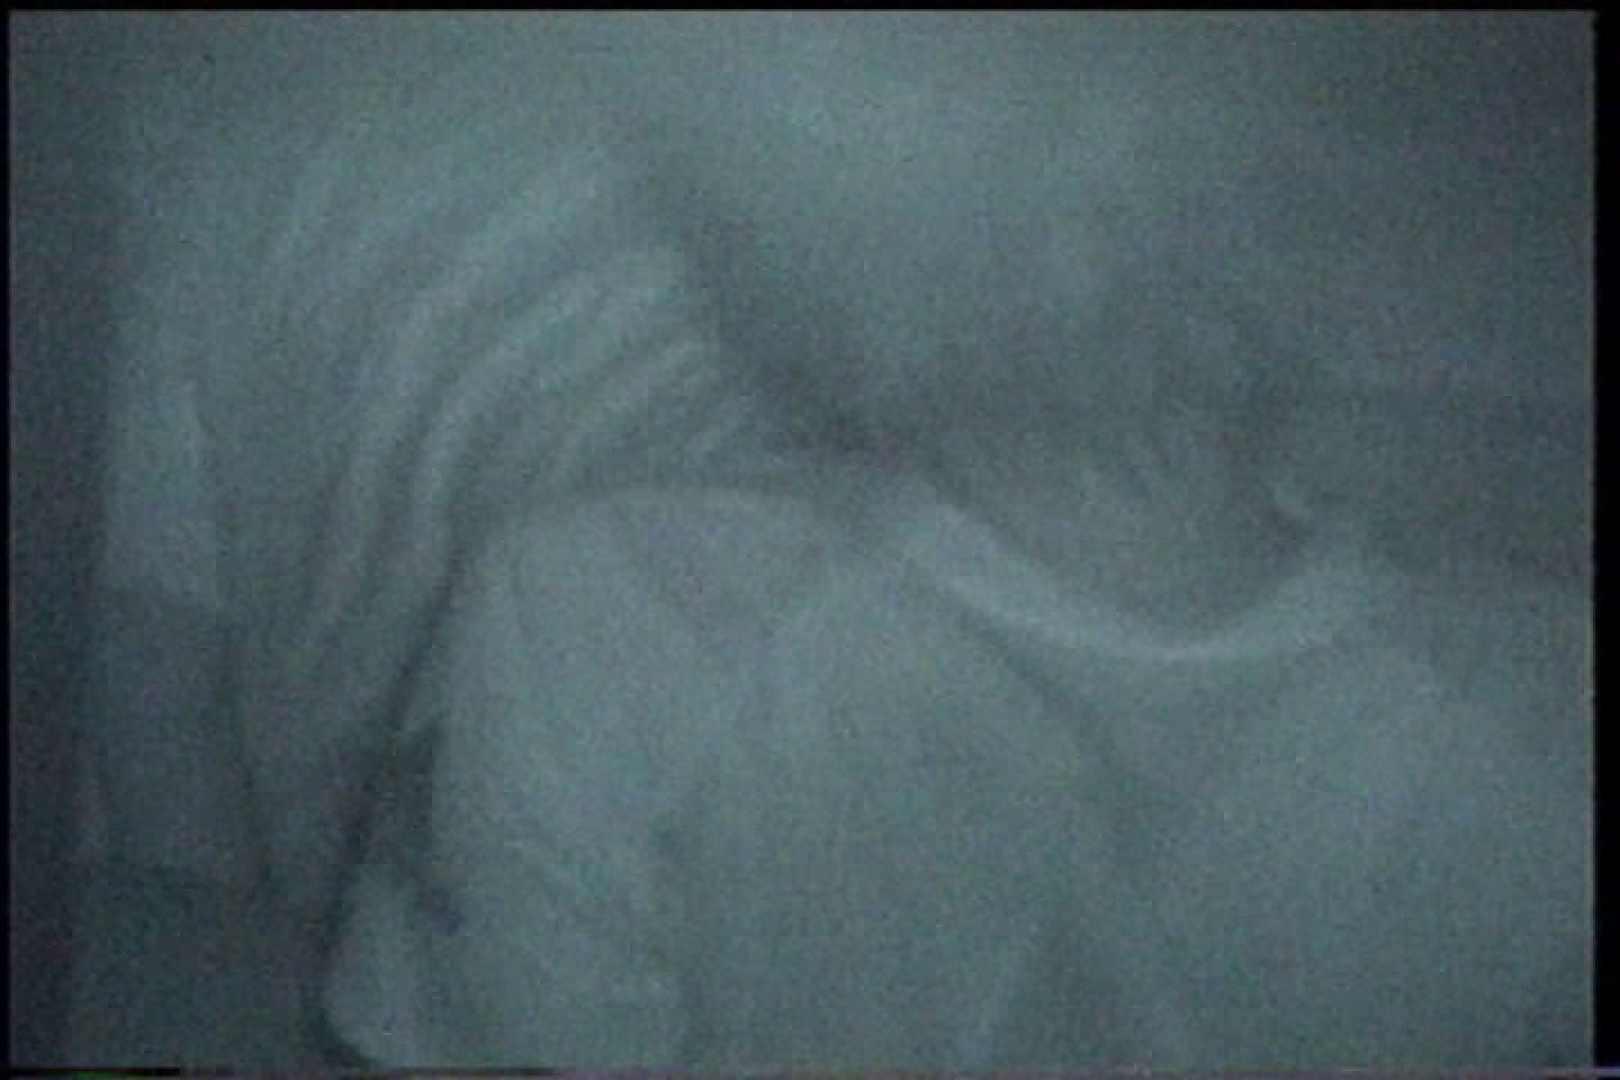 充血監督の深夜の運動会Vol.197 おまんこ無修正 オメコ無修正動画無料 107画像 50